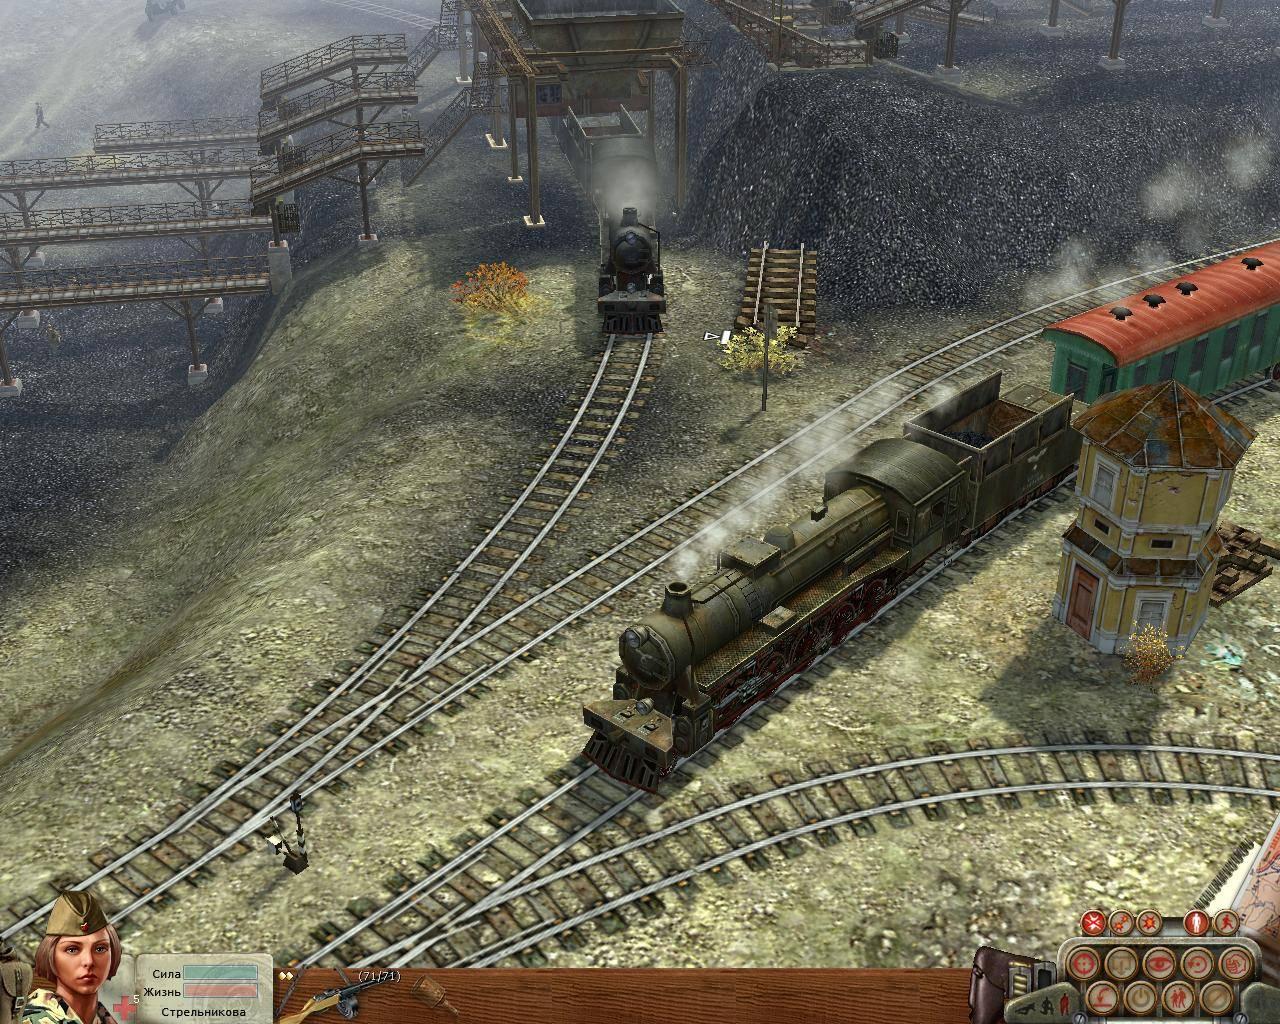 игры про второю мировую войну стратегии